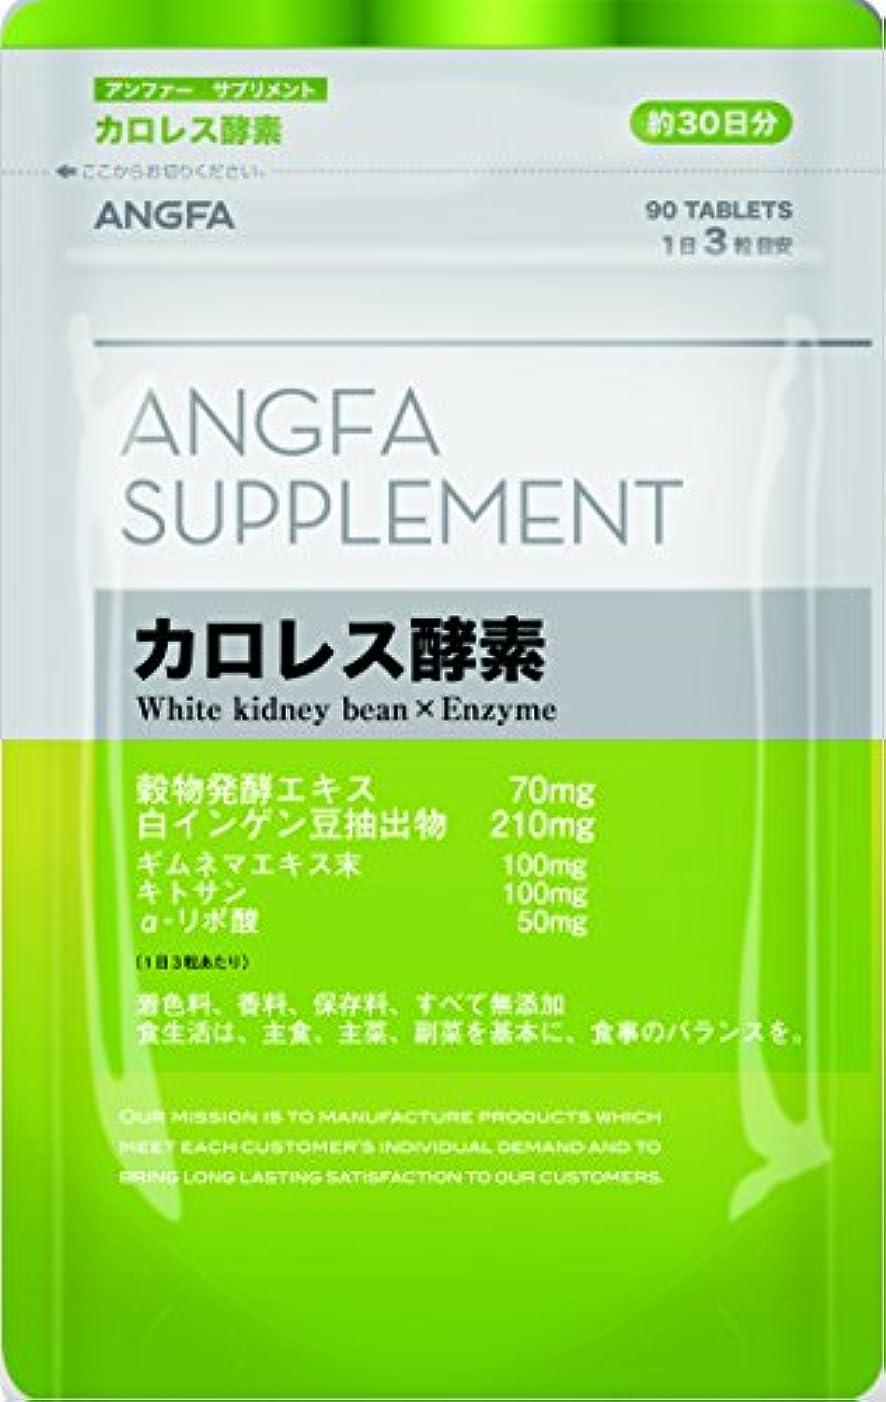 富豪前書き酸化物アンファー (ANGFA) サプリメント カロレス酵素 90粒 ダイエットサポート サプリメント